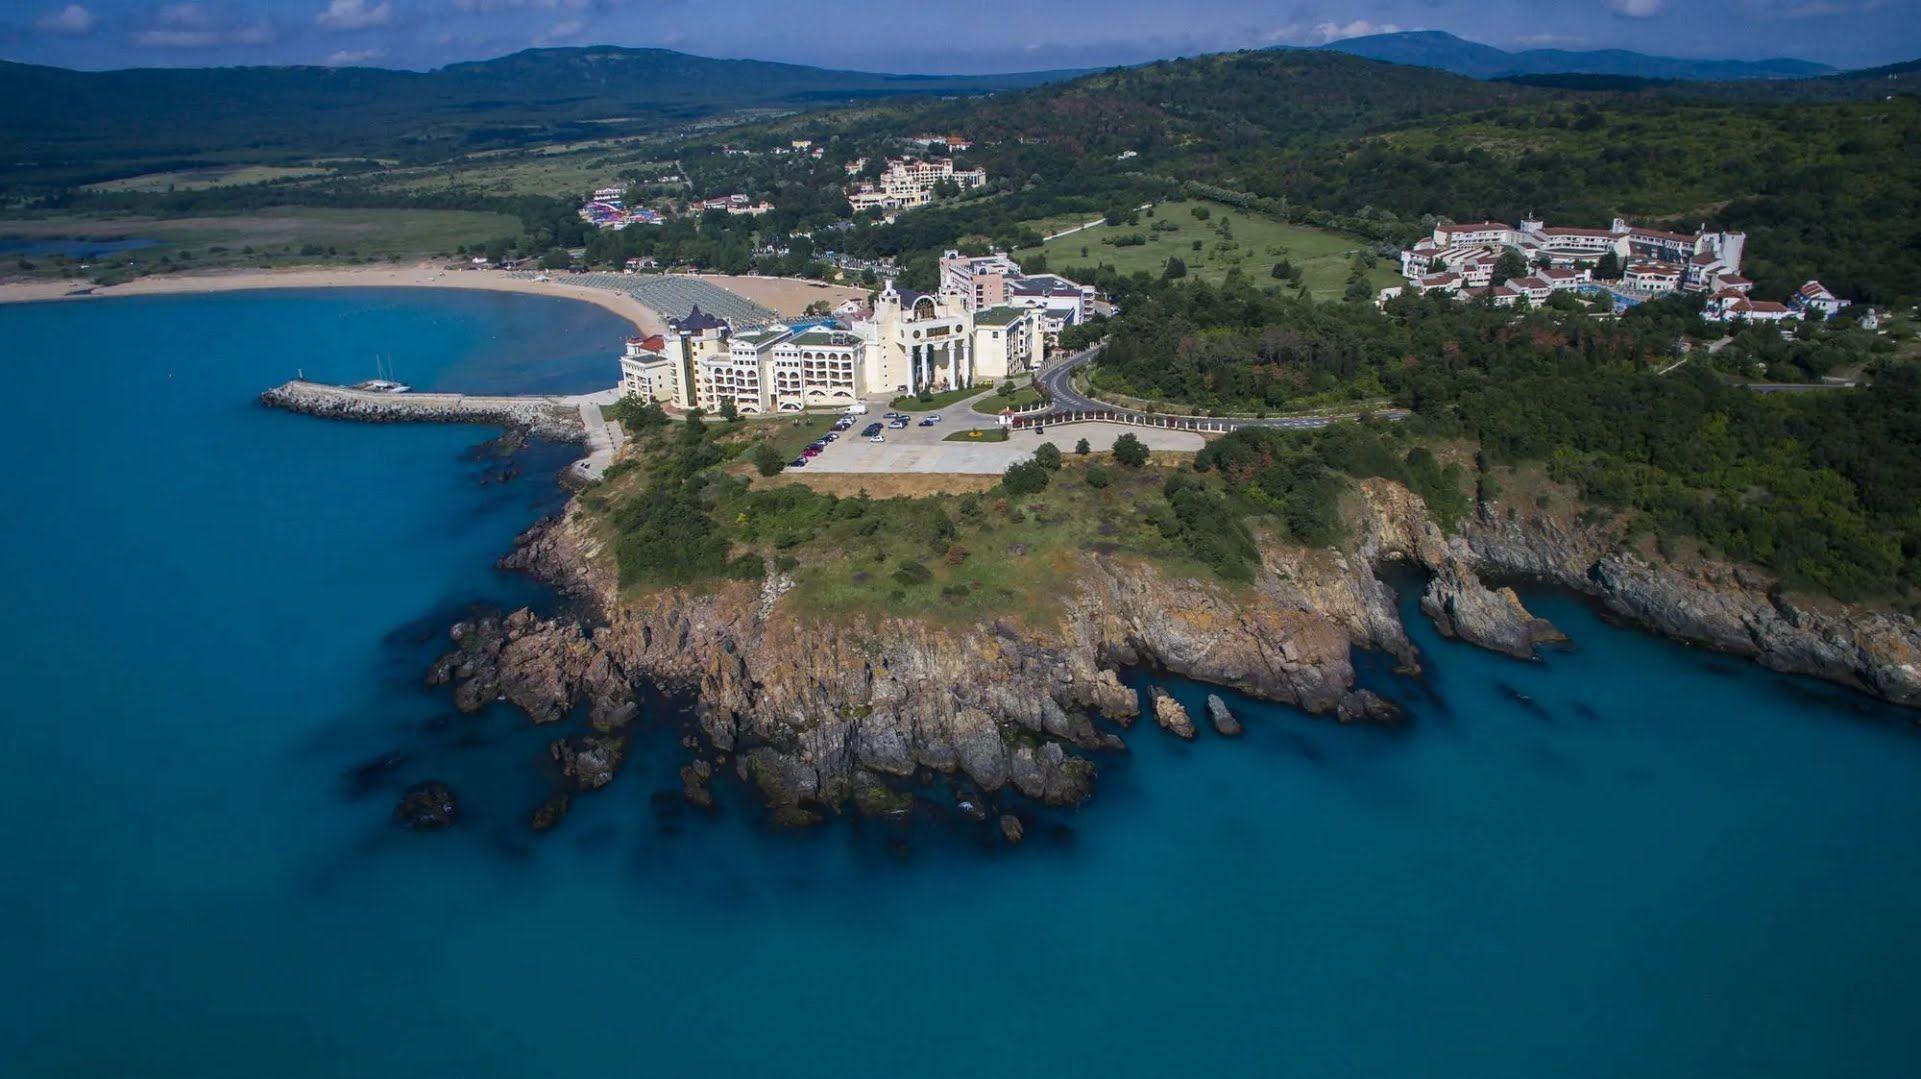 Дюни – молодой курорт, расположенный в небольшом поселке на южном побережье Болгарии.